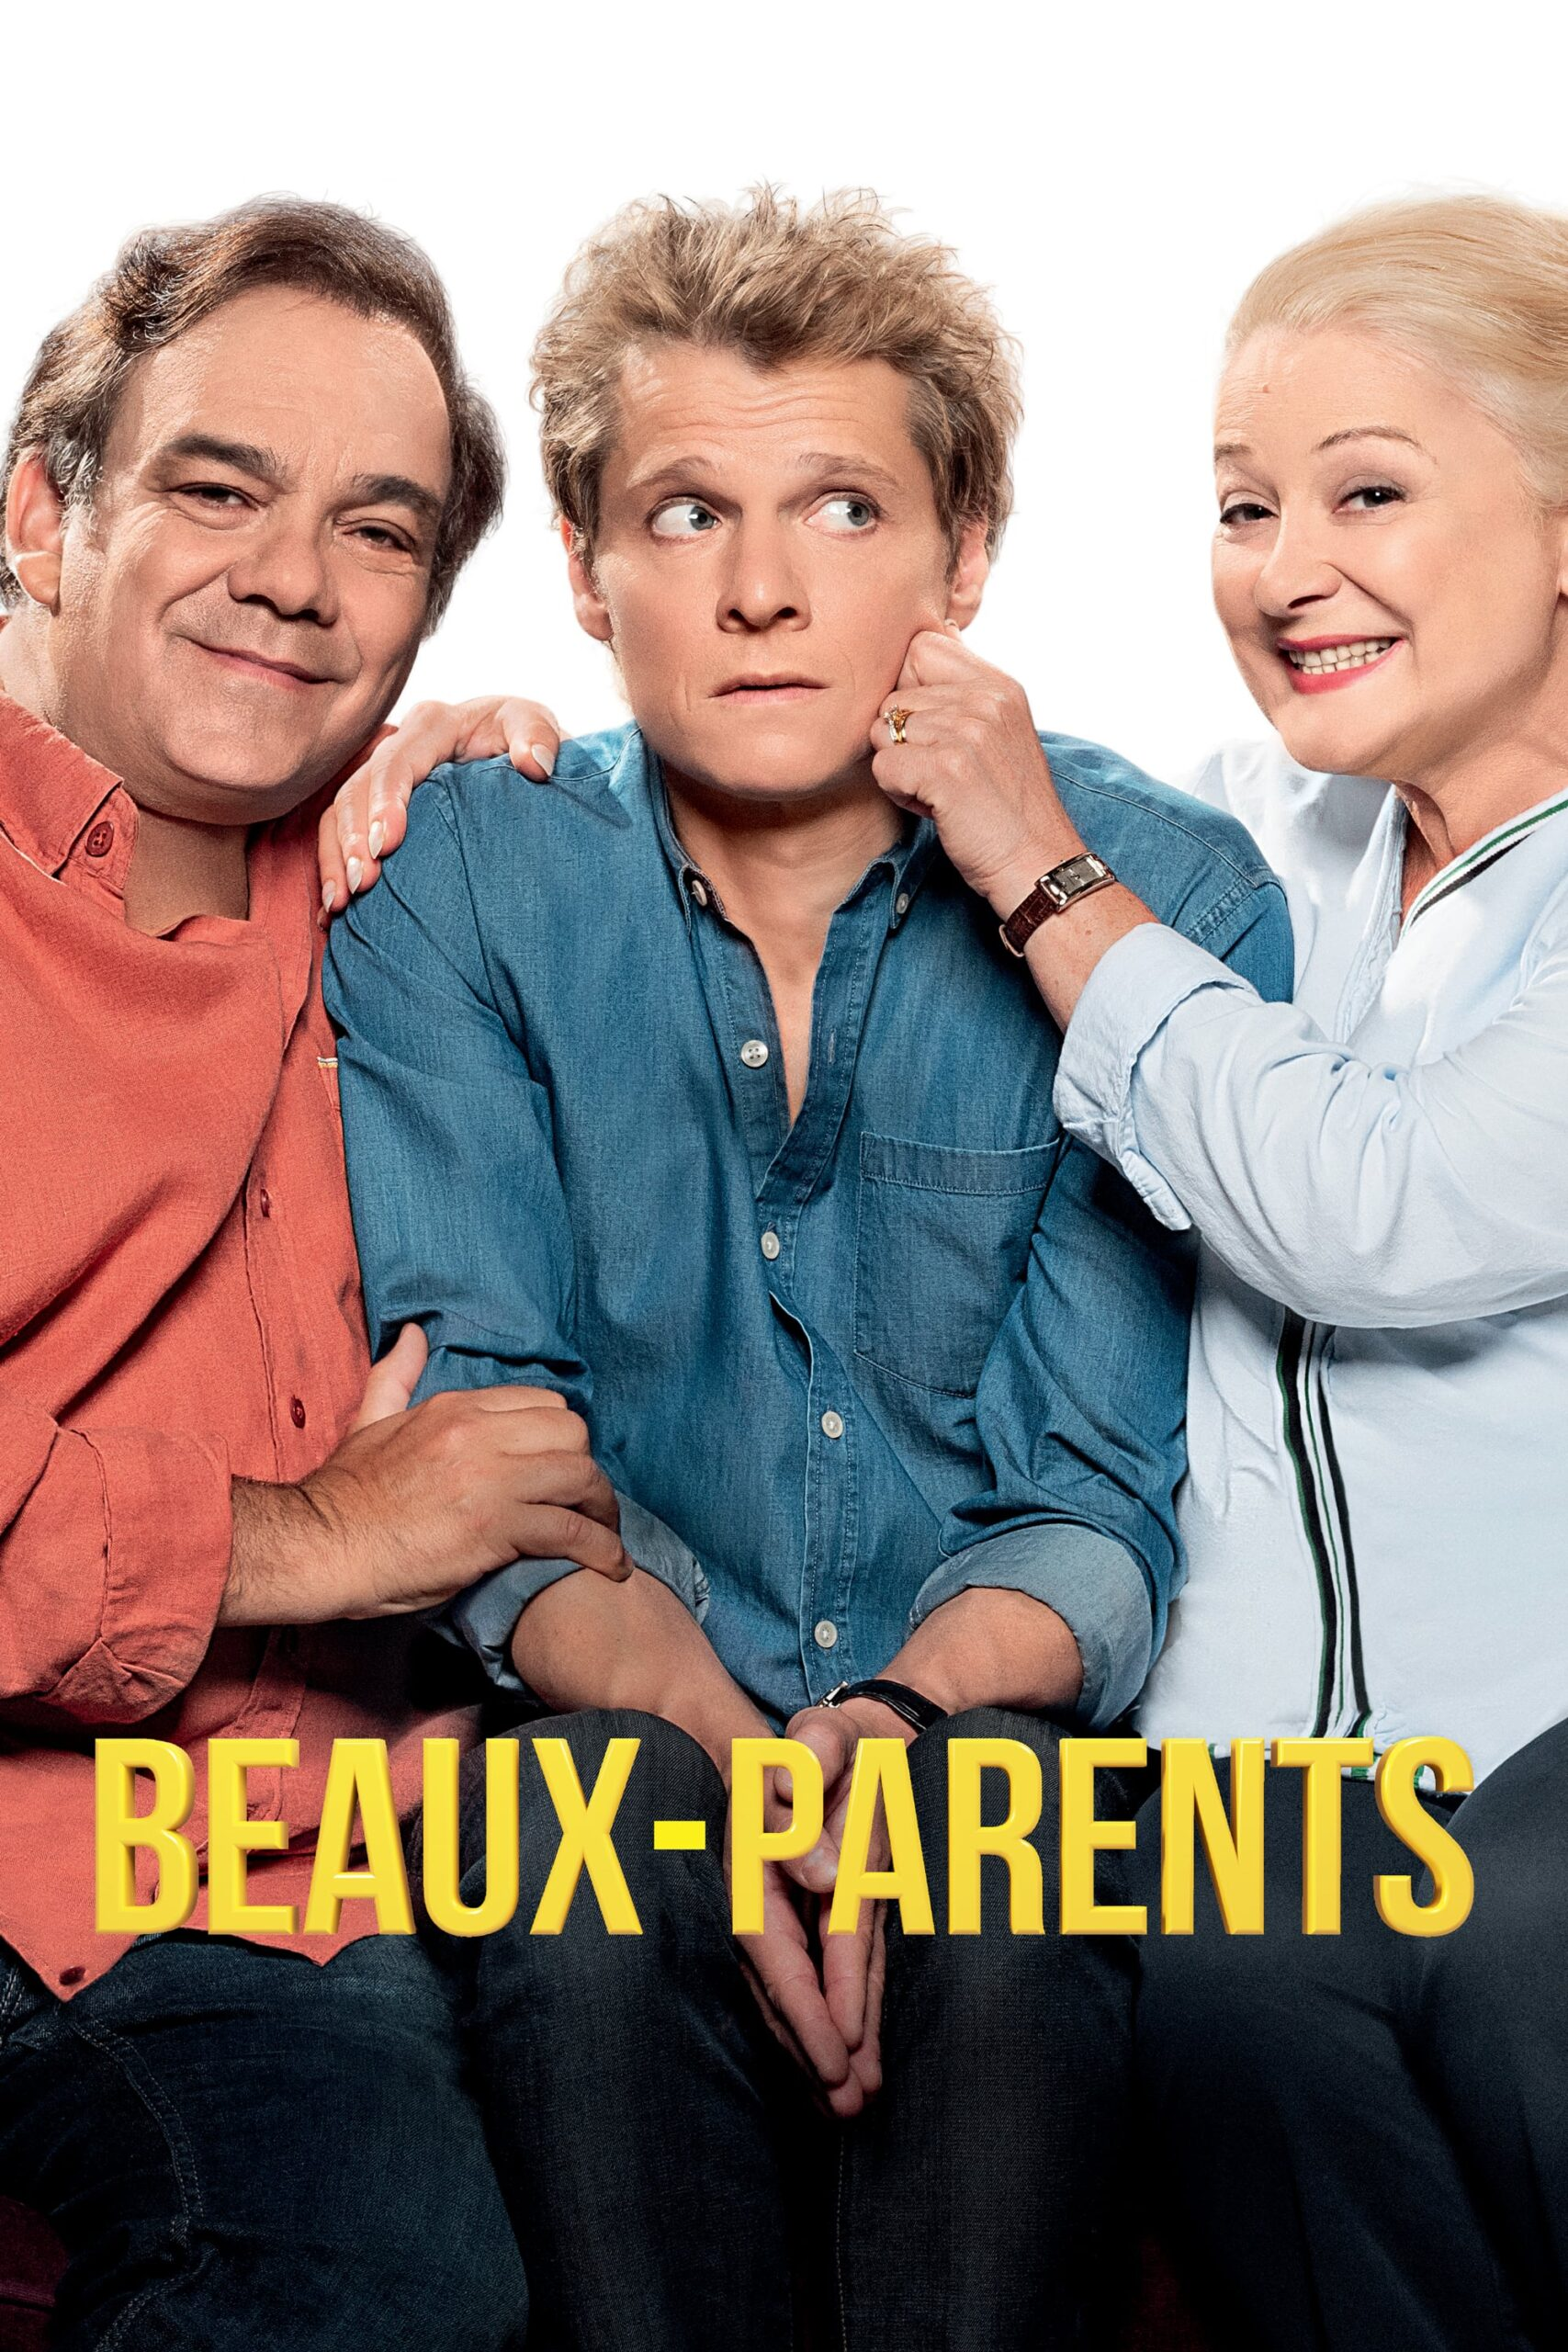 Beaux-parents Streaming : beaux-parents, streaming, Beaux-parents, French, Movie, Streaming, Online, Watch